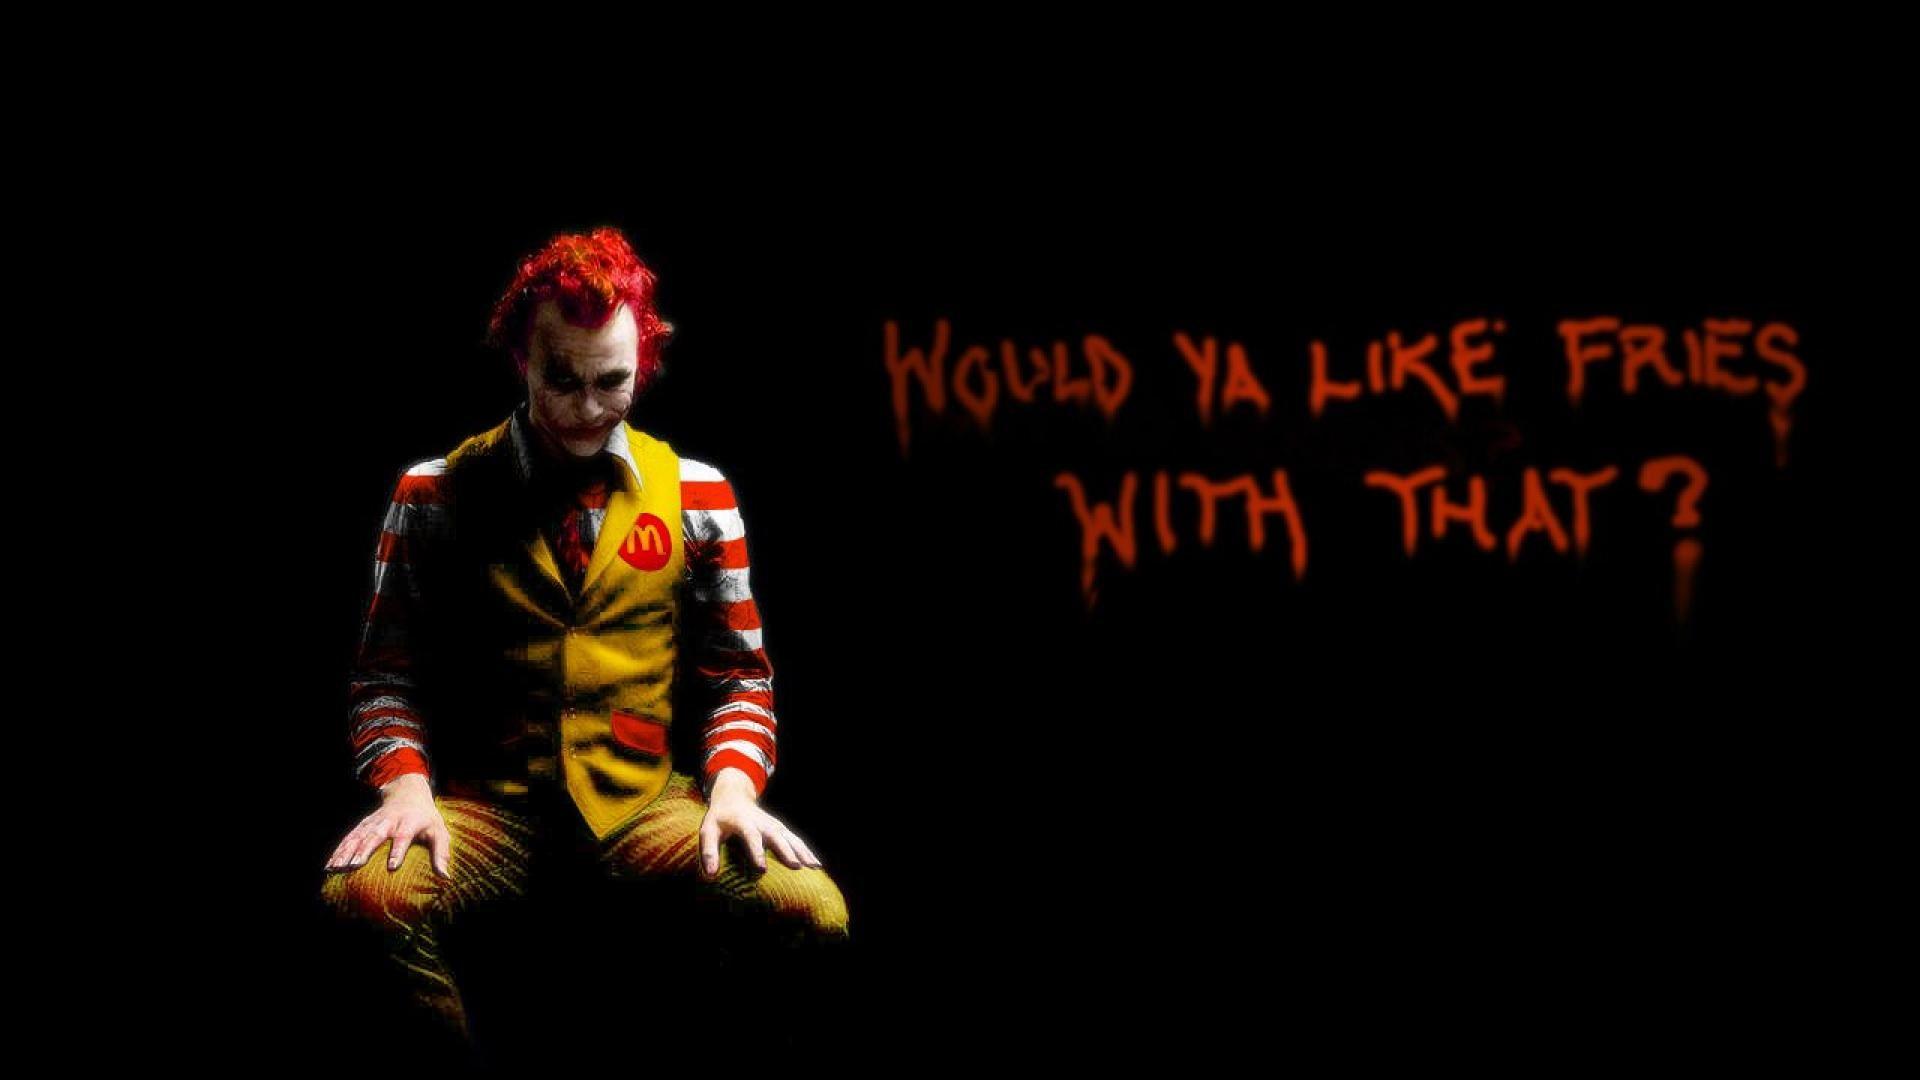 Hd wallpaper of joker - The Joker Painting Hd Desktop Wallpaper Widescreen High